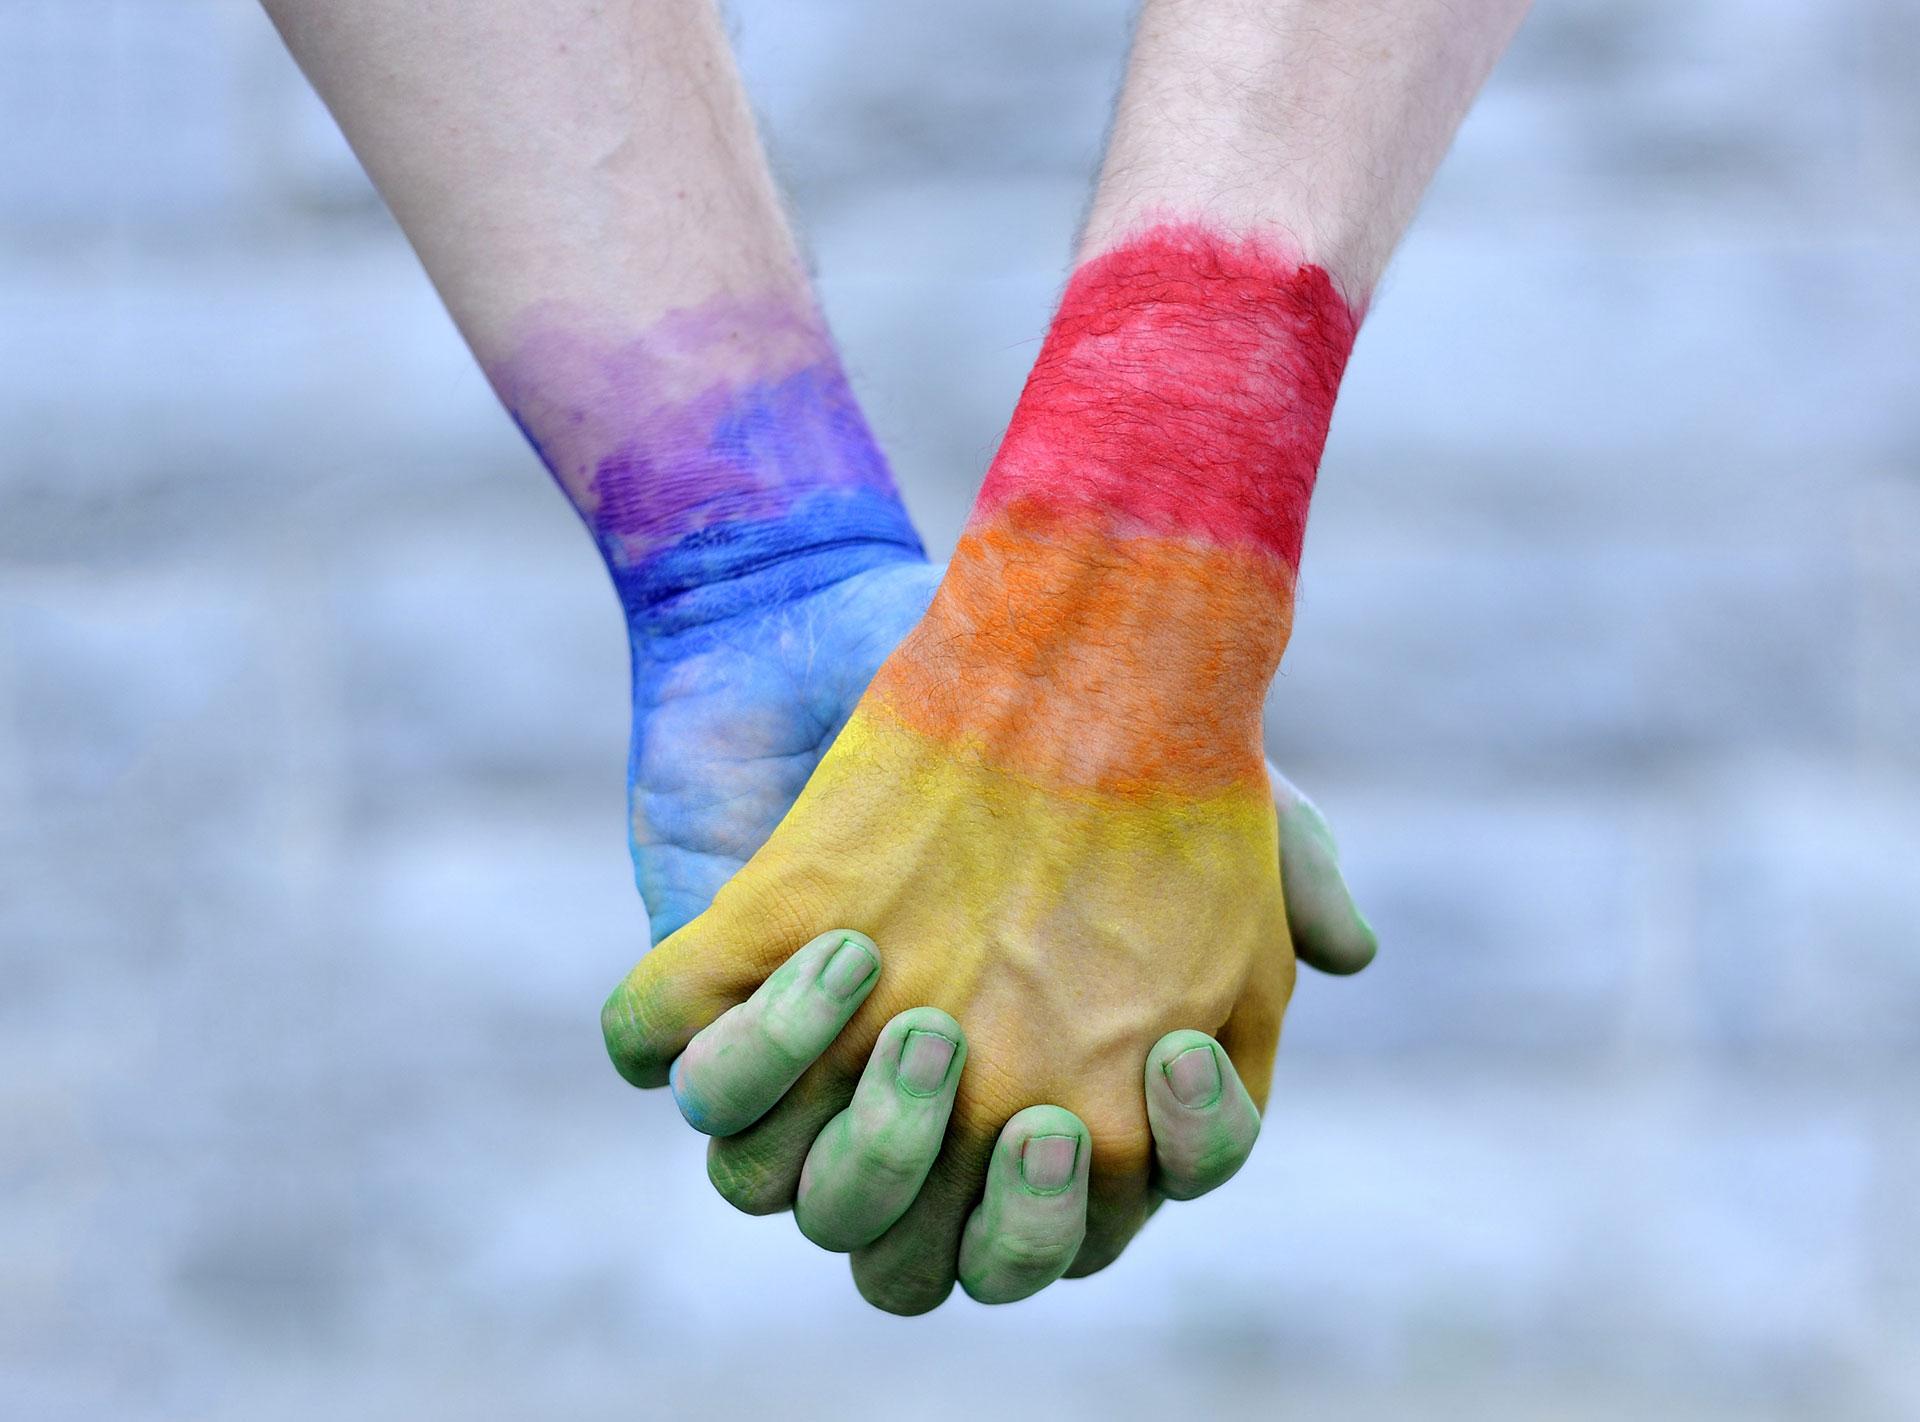 nwa pride 2015 northwest arkansas equality inc